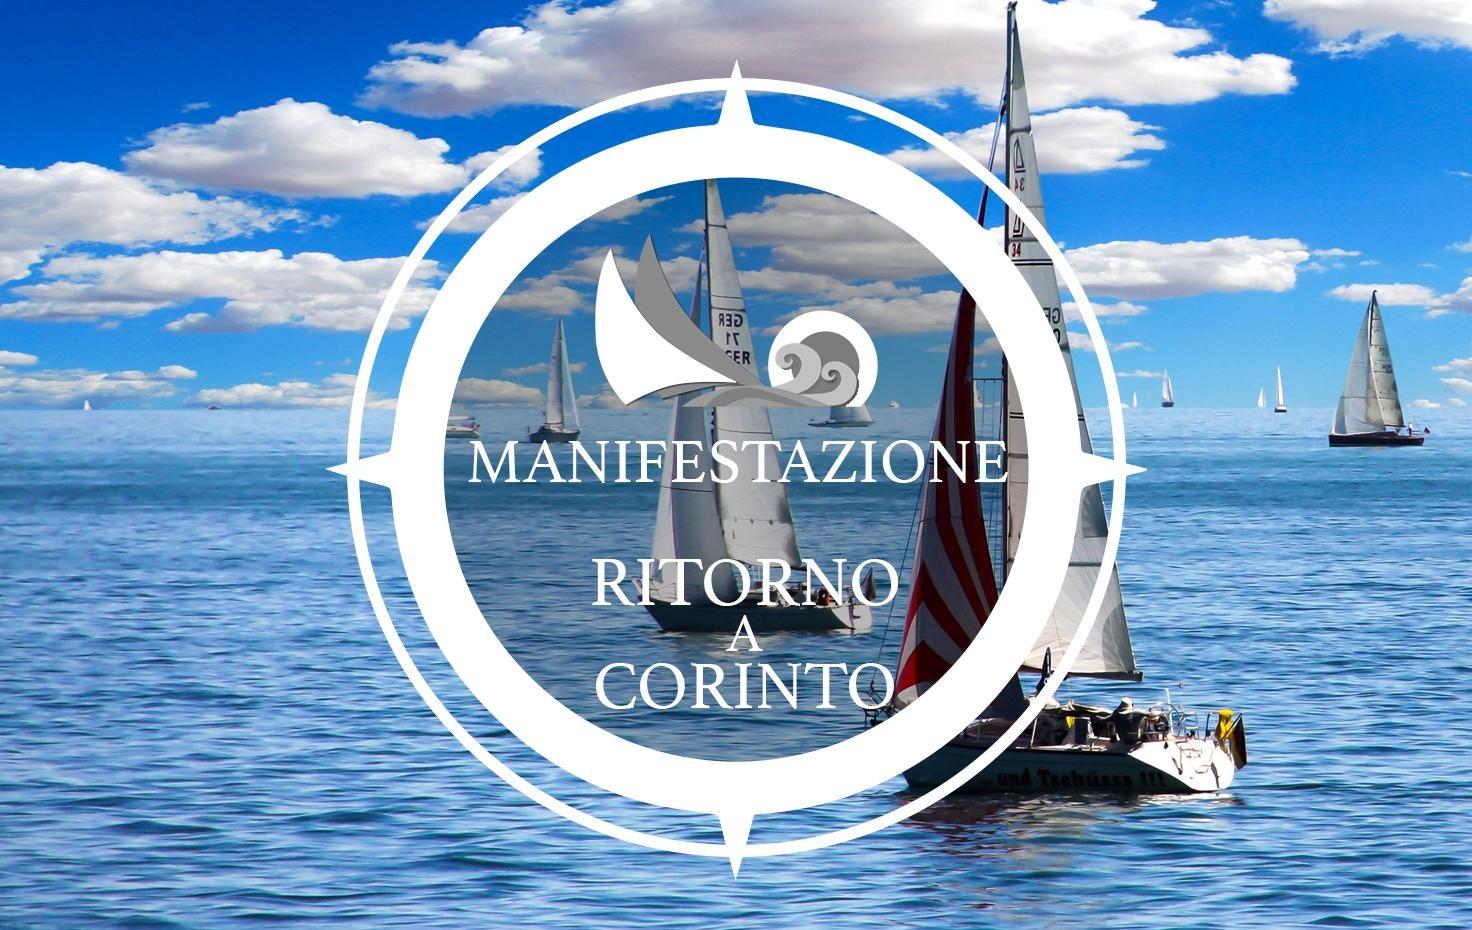 Manifestazione Ritorno a Corinto